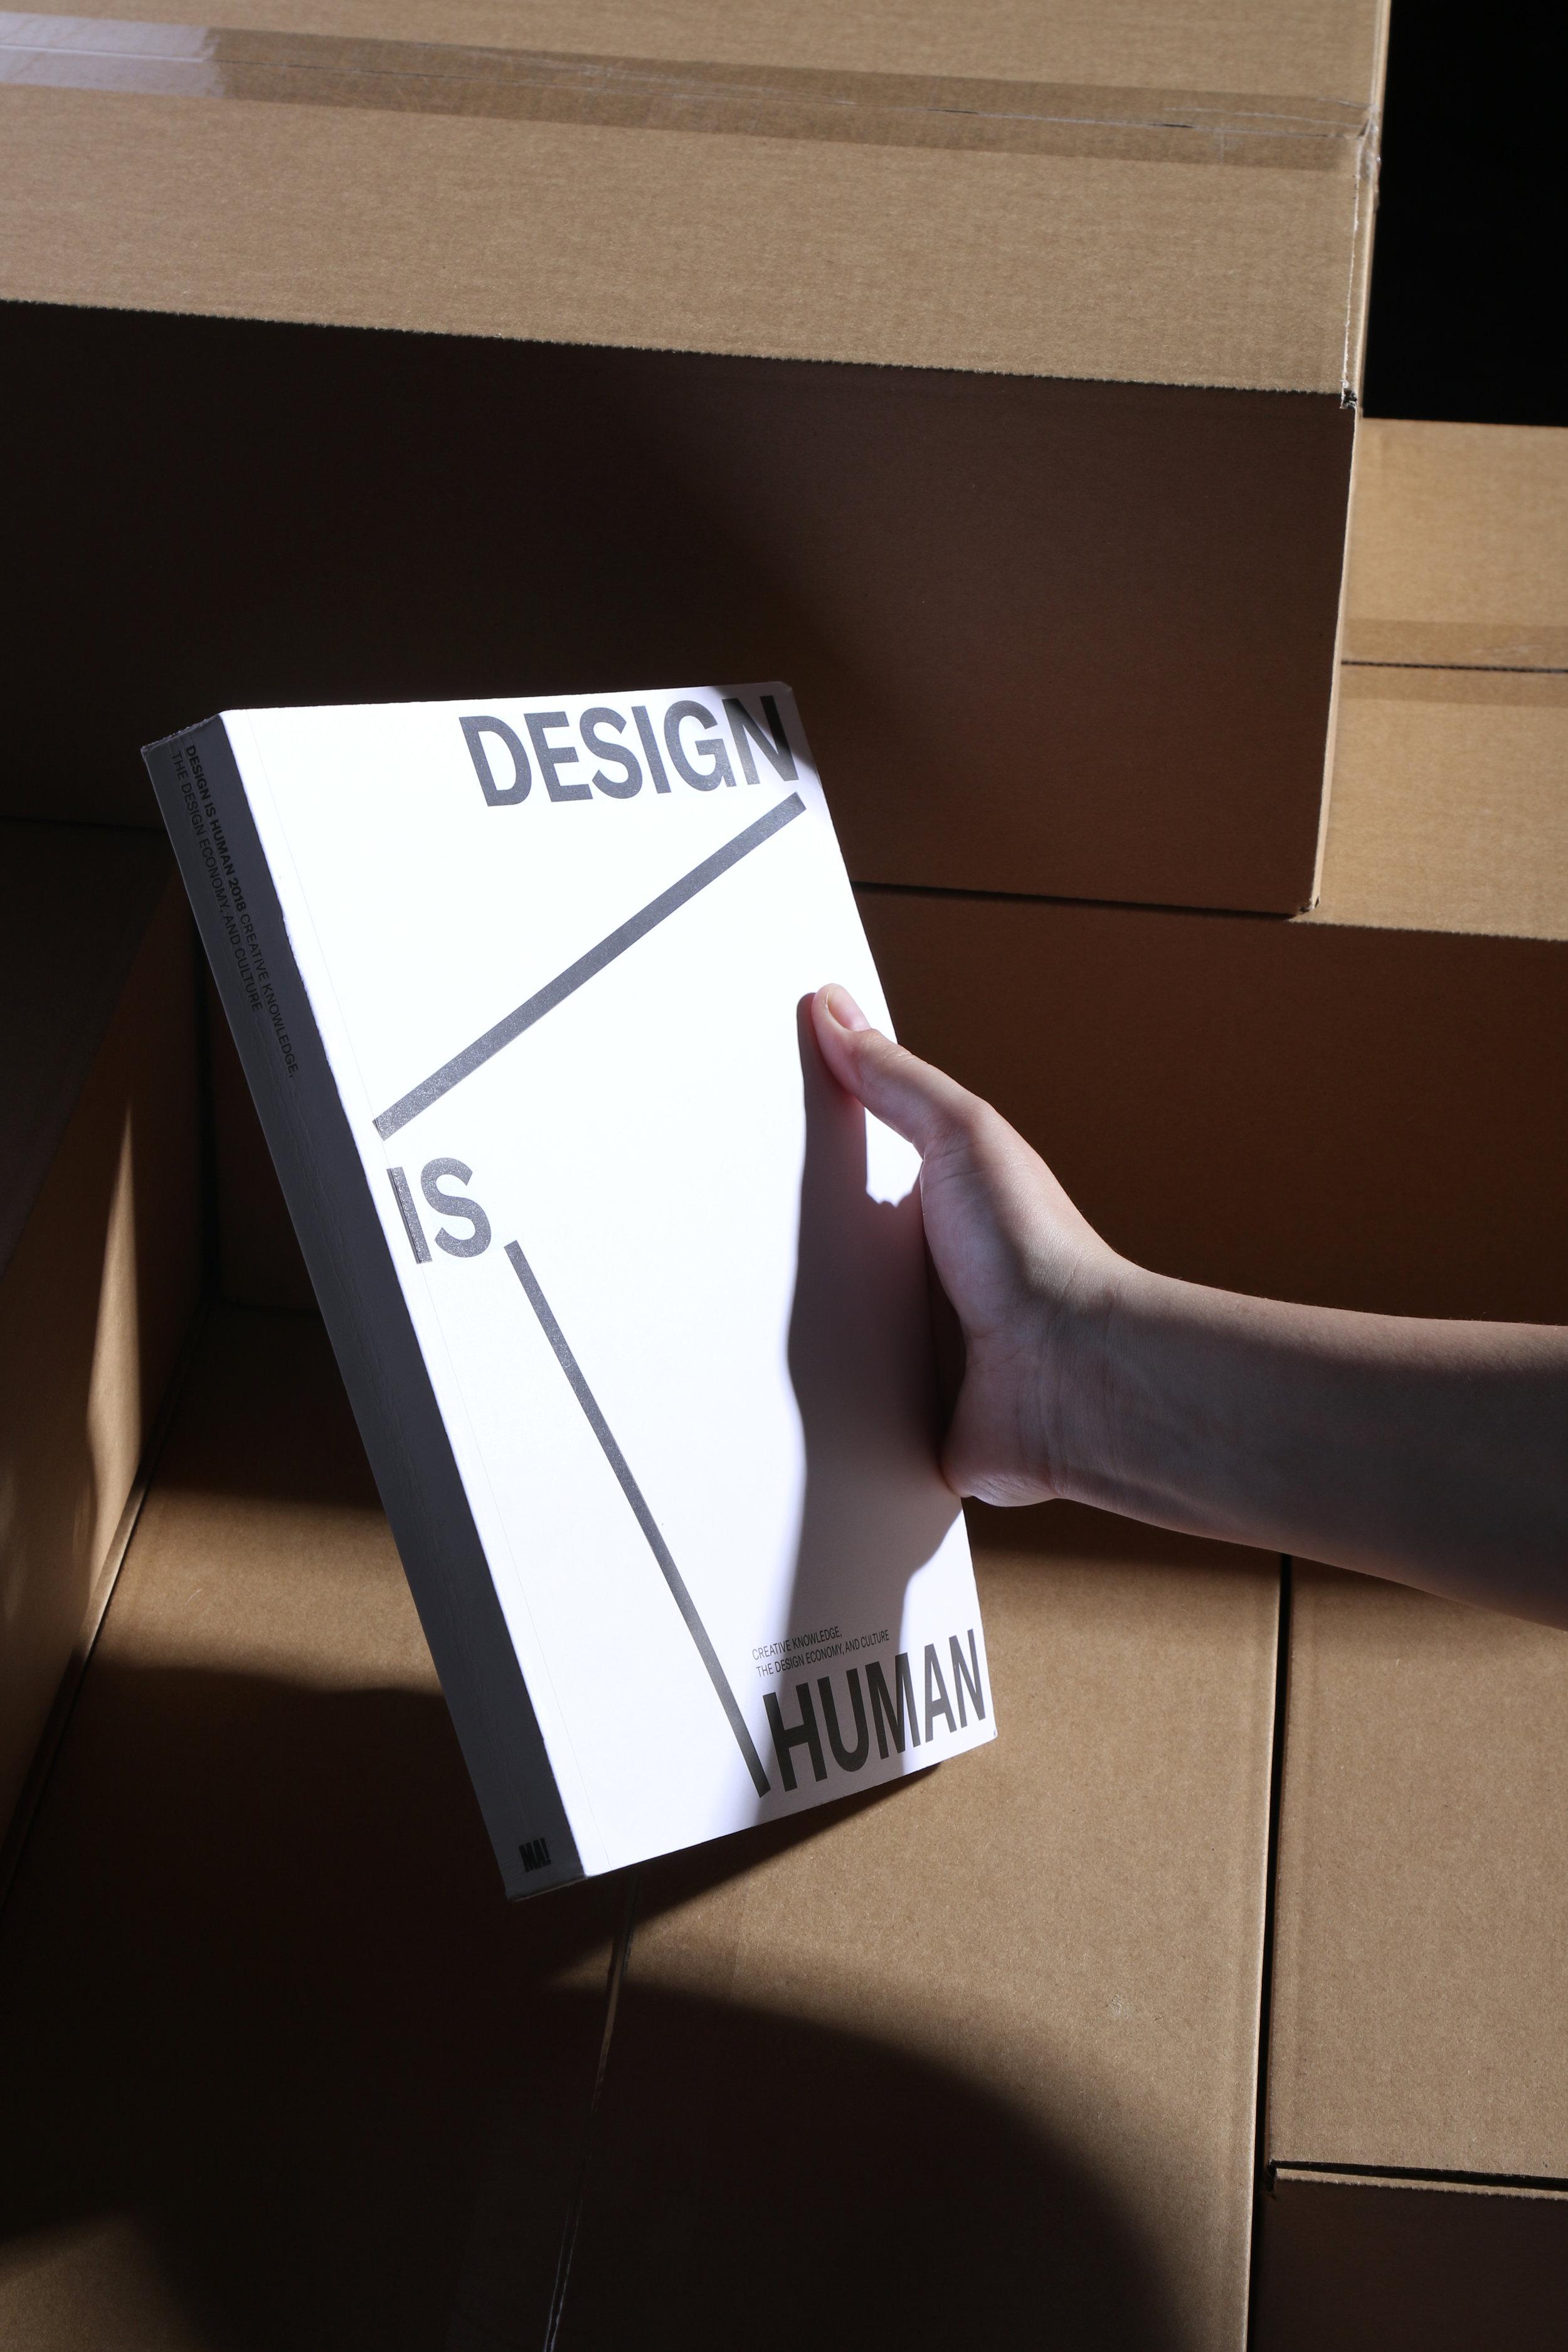 Studio-Verena-Hennig-Atlanta-Design-Festival-Book-2018.jpg